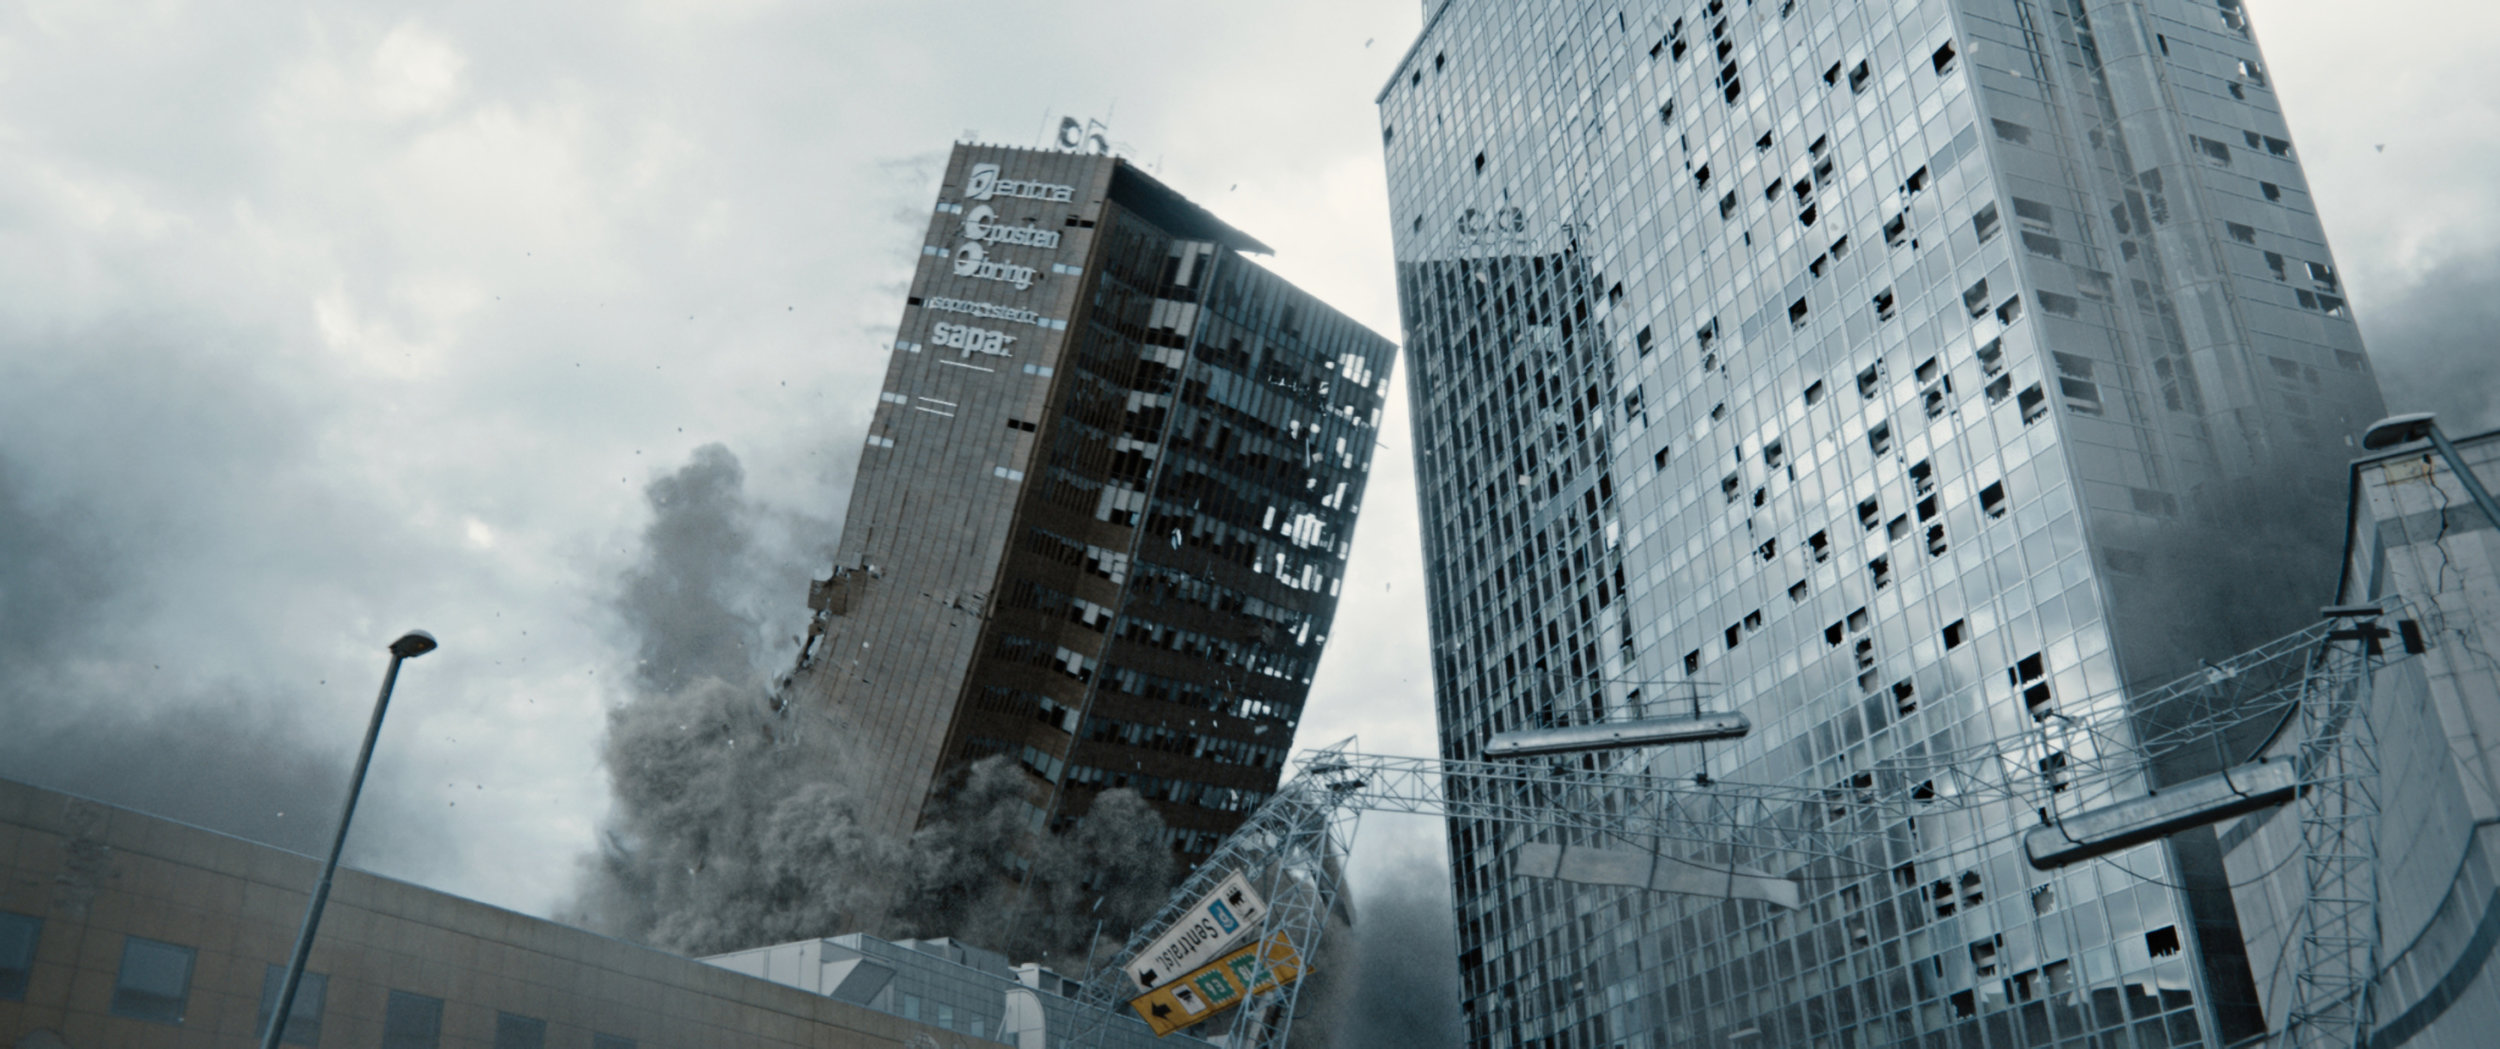 Postgirobygget og Radisson hotell raser sammen i Oslo sentrum.